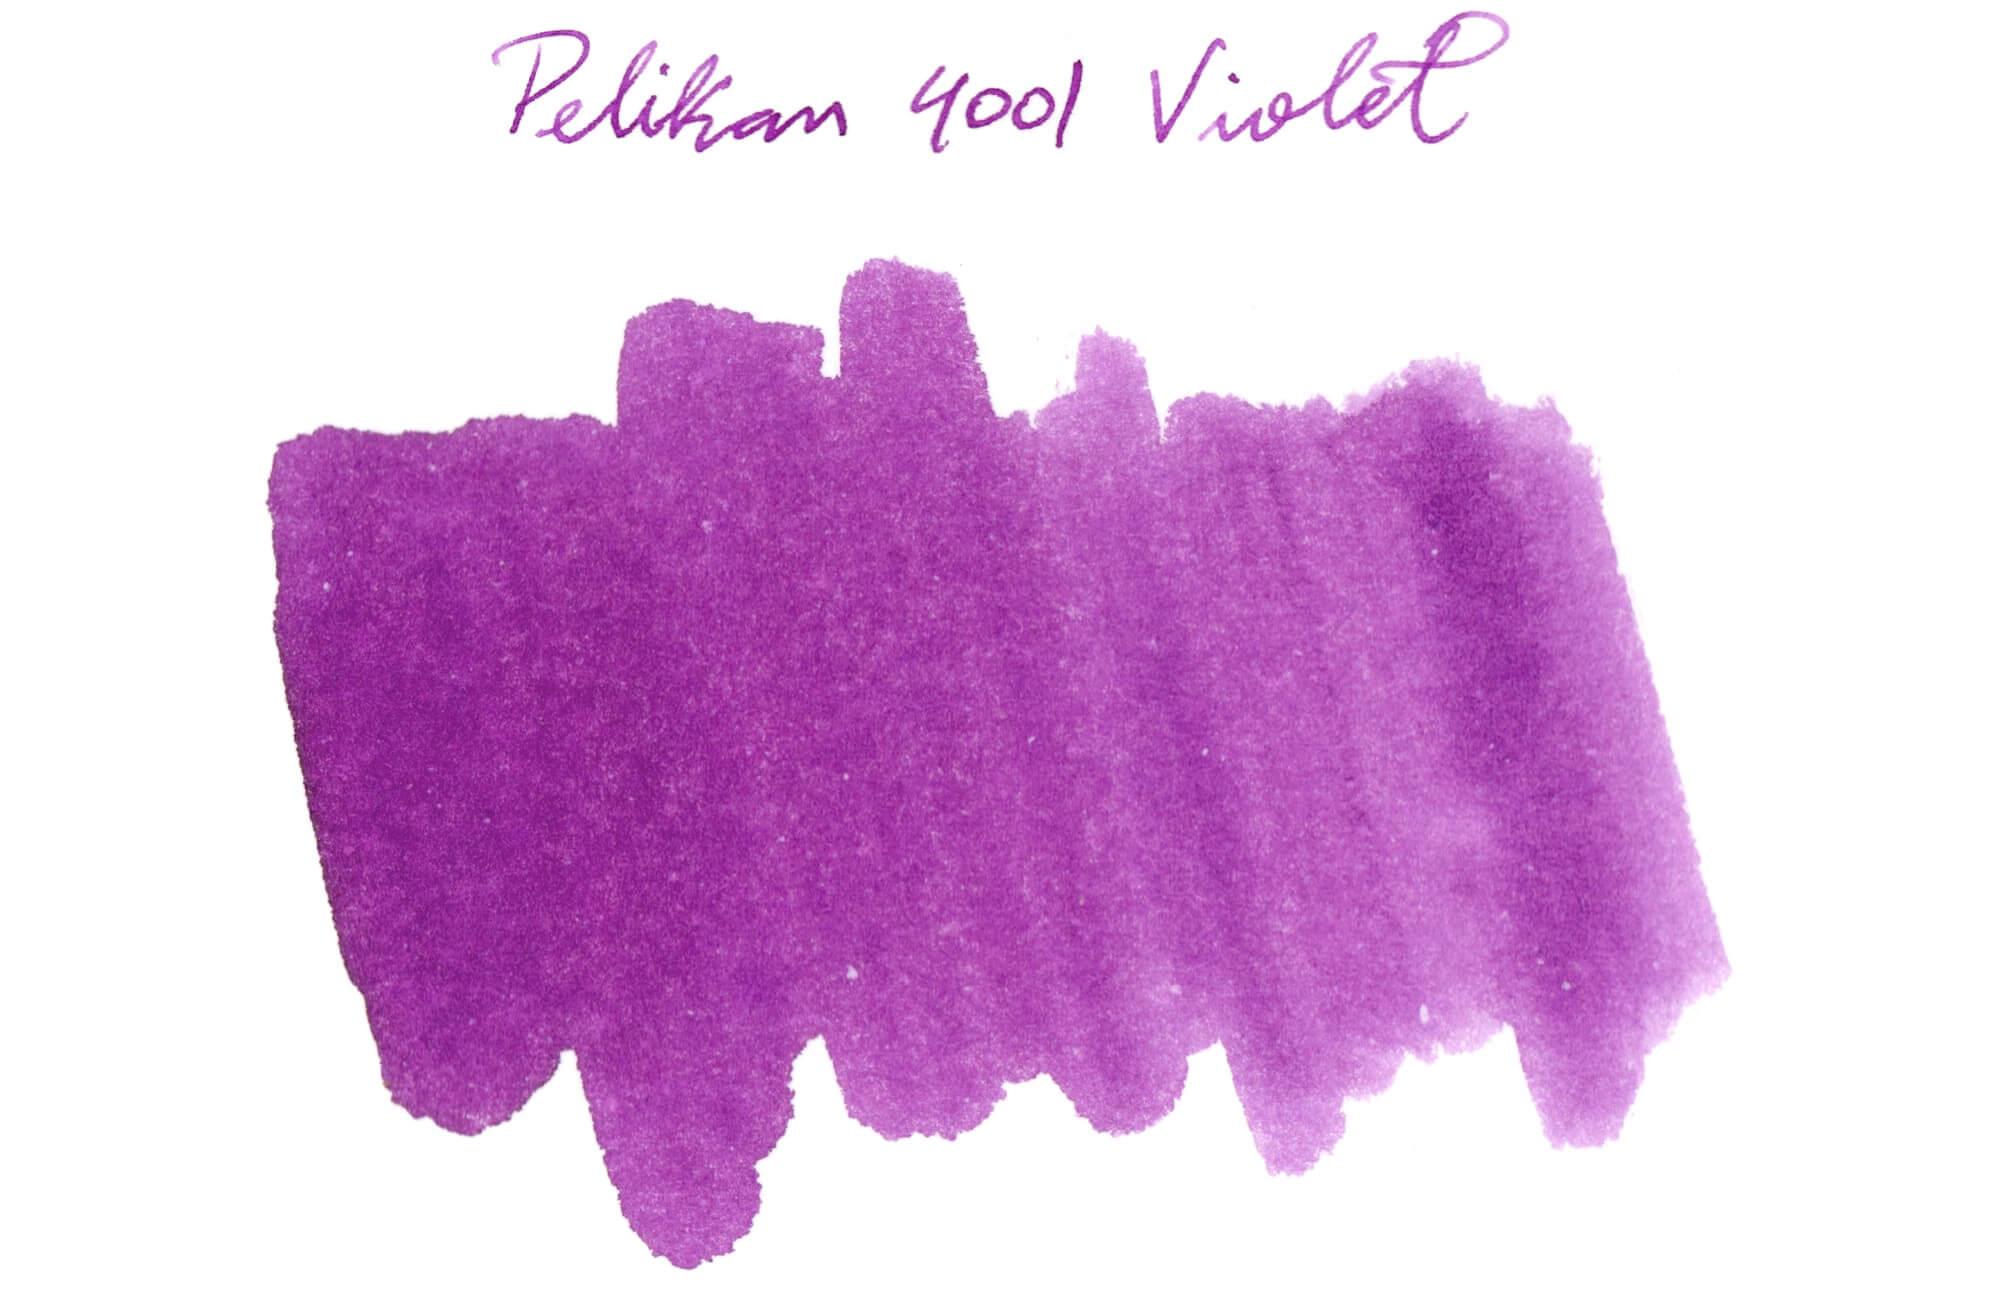 Pelikan 4001 Violet